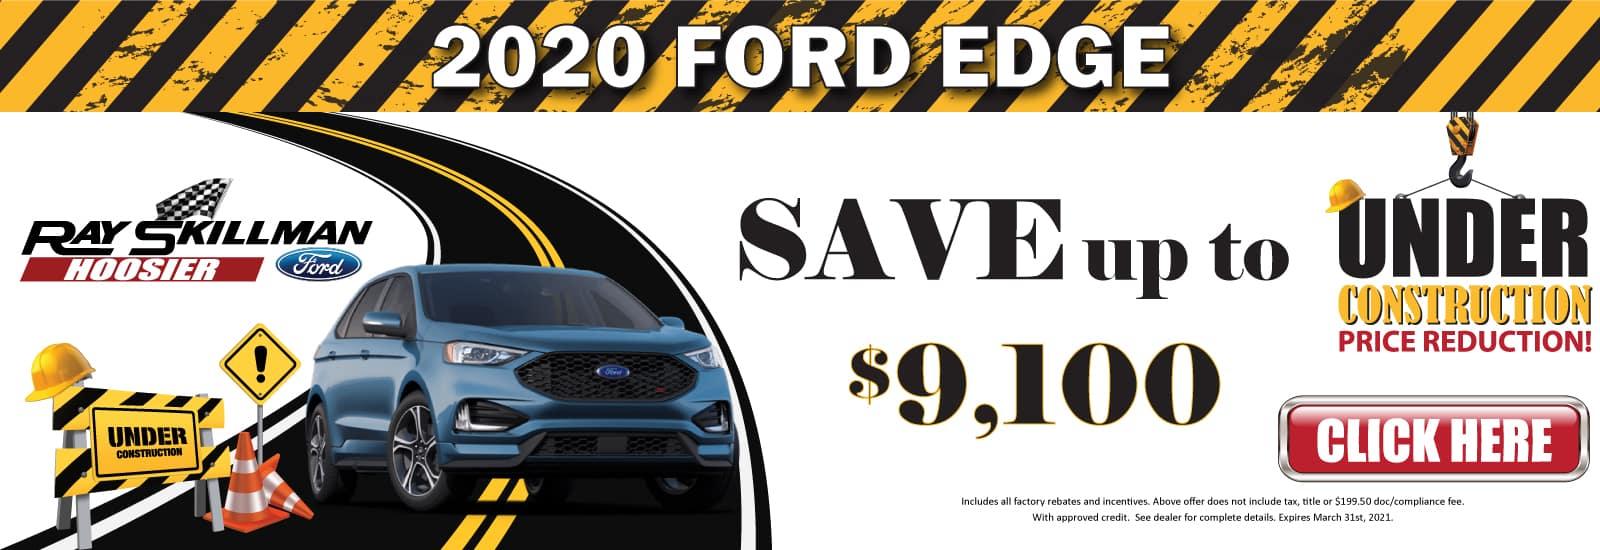 hoosier2020-Ford-Edge-Web-Banner-1600×550